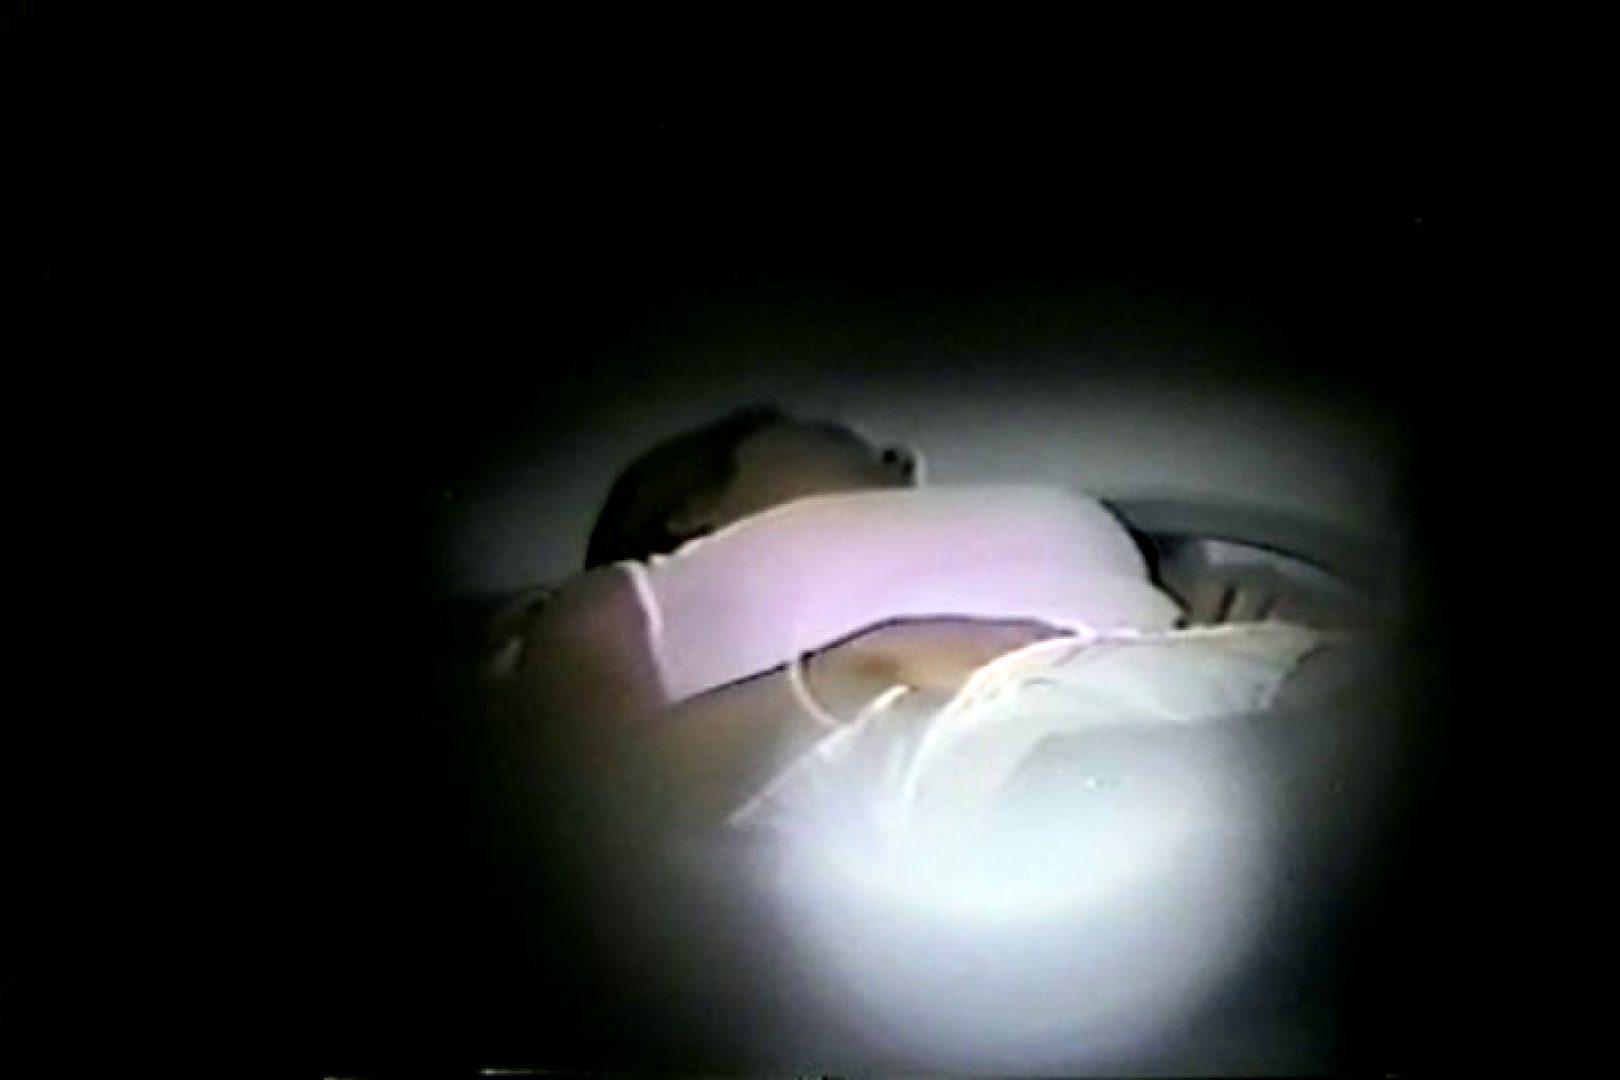 深夜の撮影会Vol.6 オナニーする女性たち 盗撮AV動画キャプチャ 88画像 53